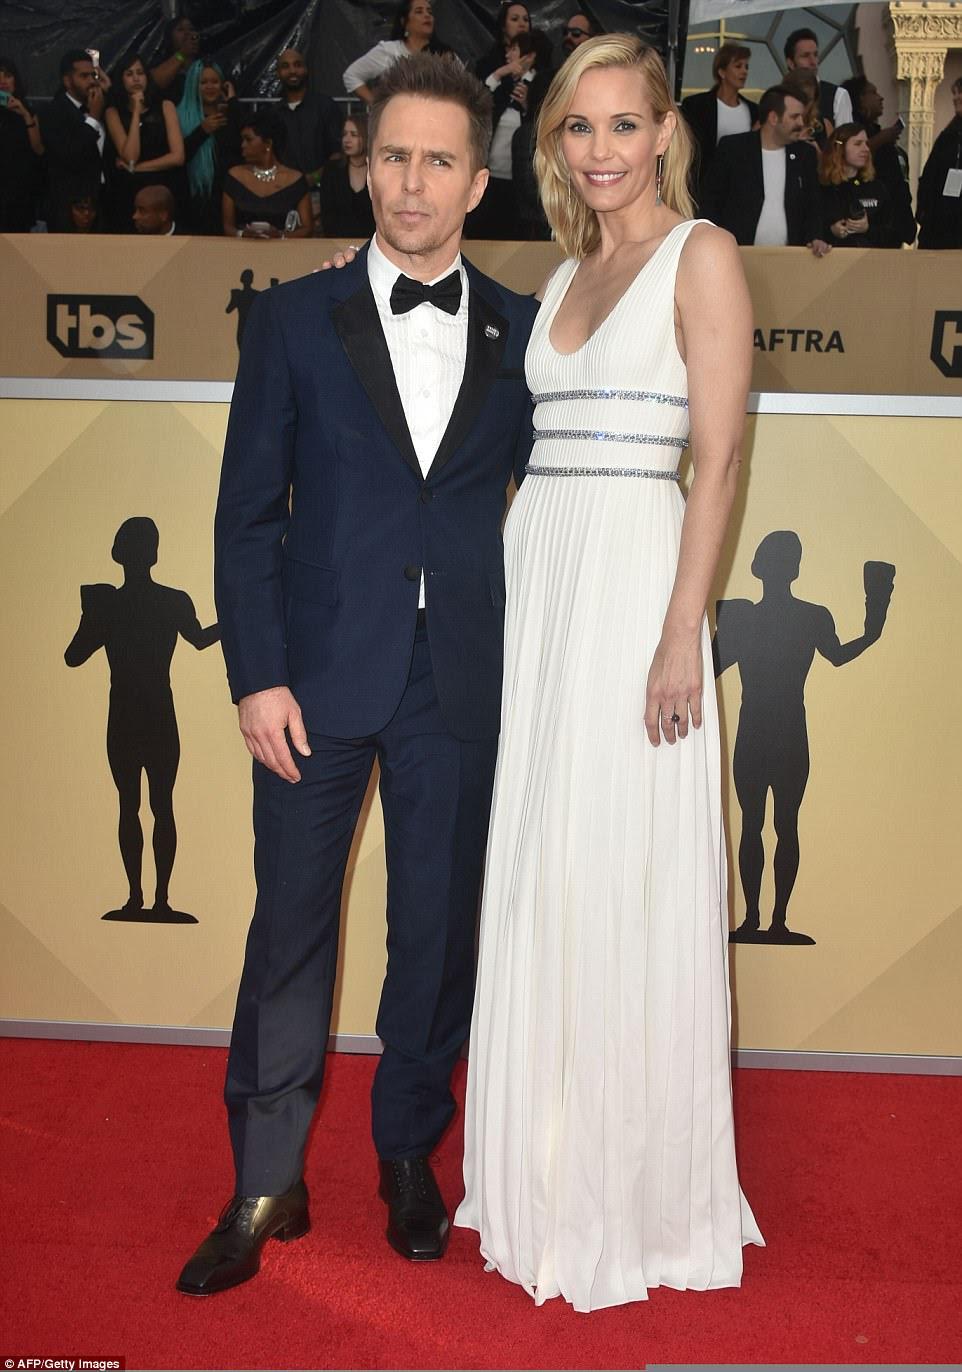 Então, no amor: Sam Rockwell e Leslie Bibb sorriram no tapete;  Leslie observou seu número branco e prateado